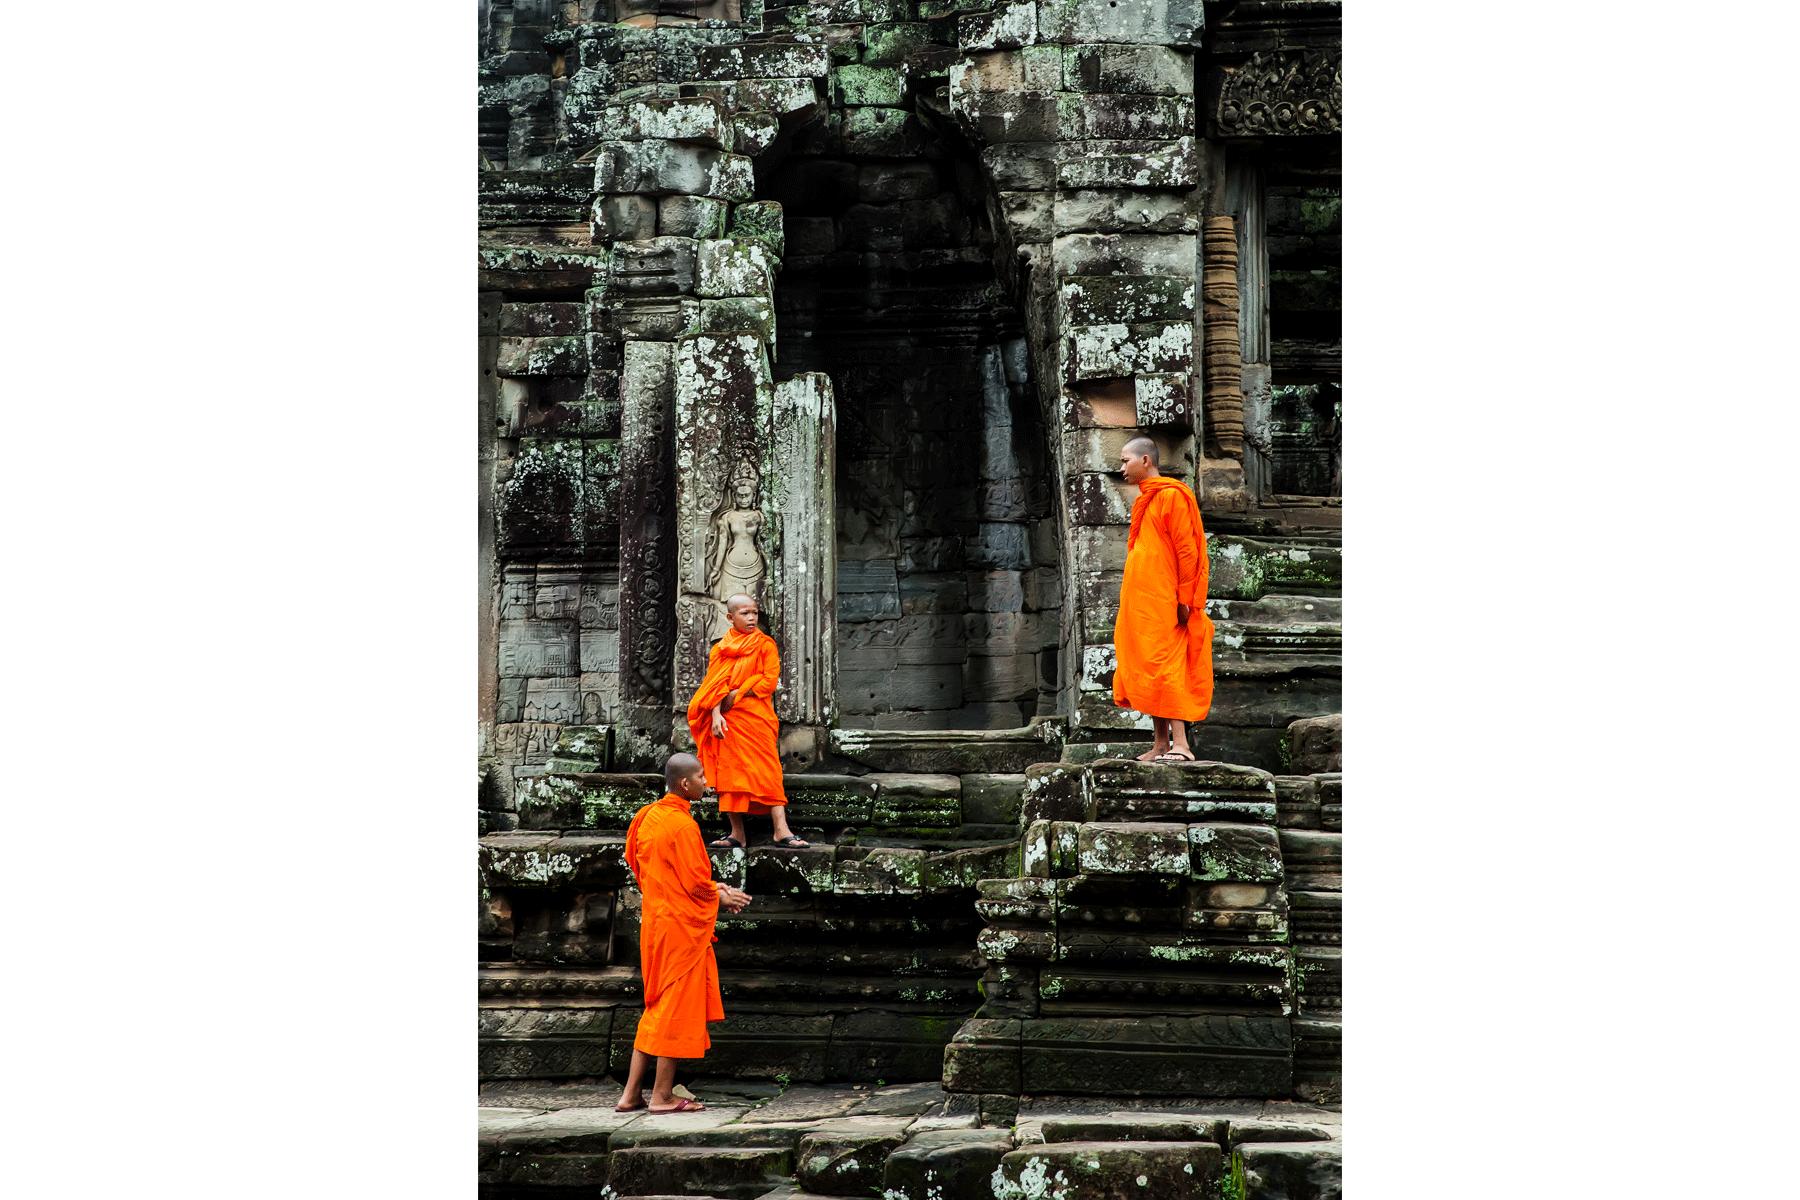 angkor-wat-monks-cambodia